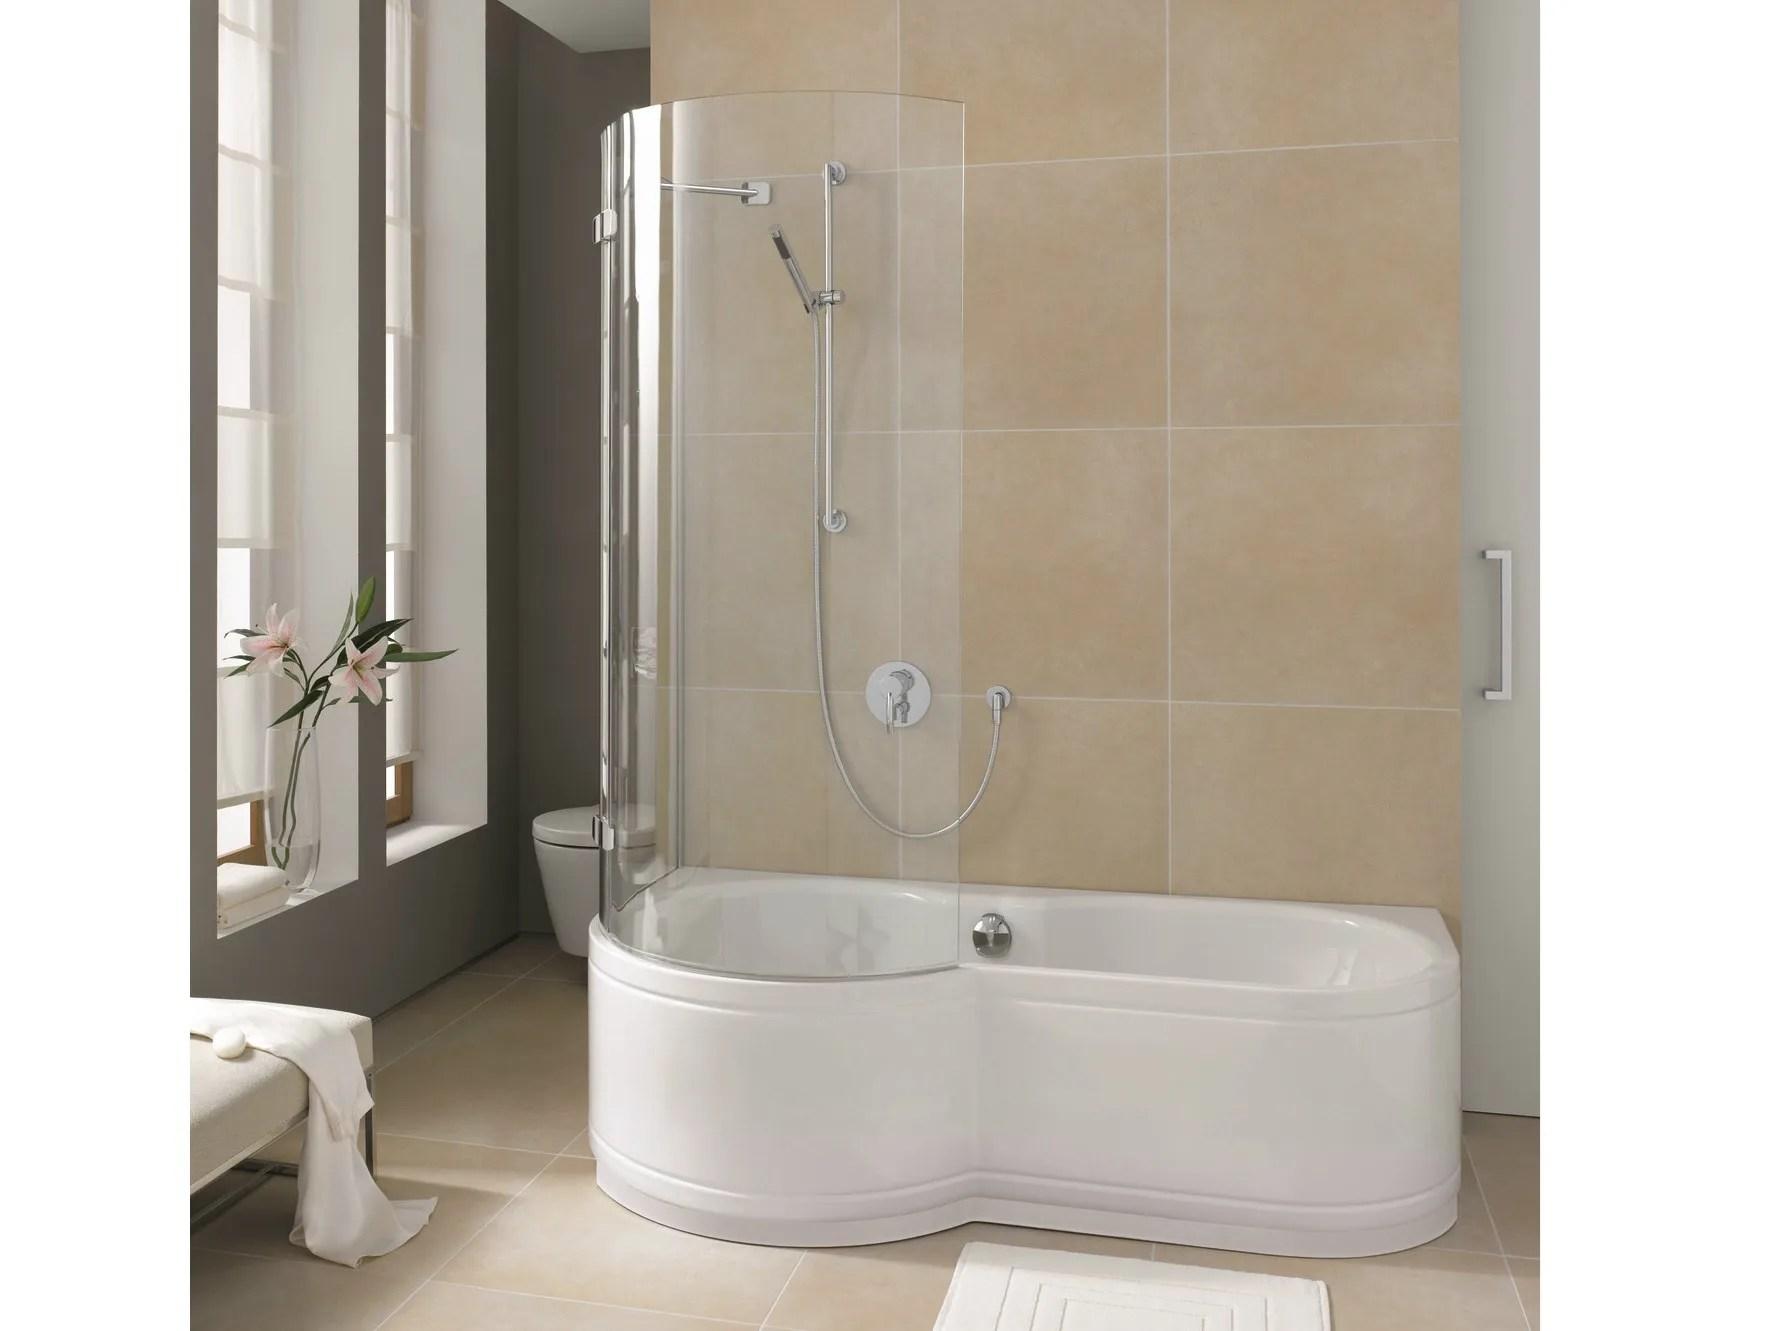 Vasca da bagno in acciaio smaltato con doccia BETTECORA RONDA by Bette design Sieger Design